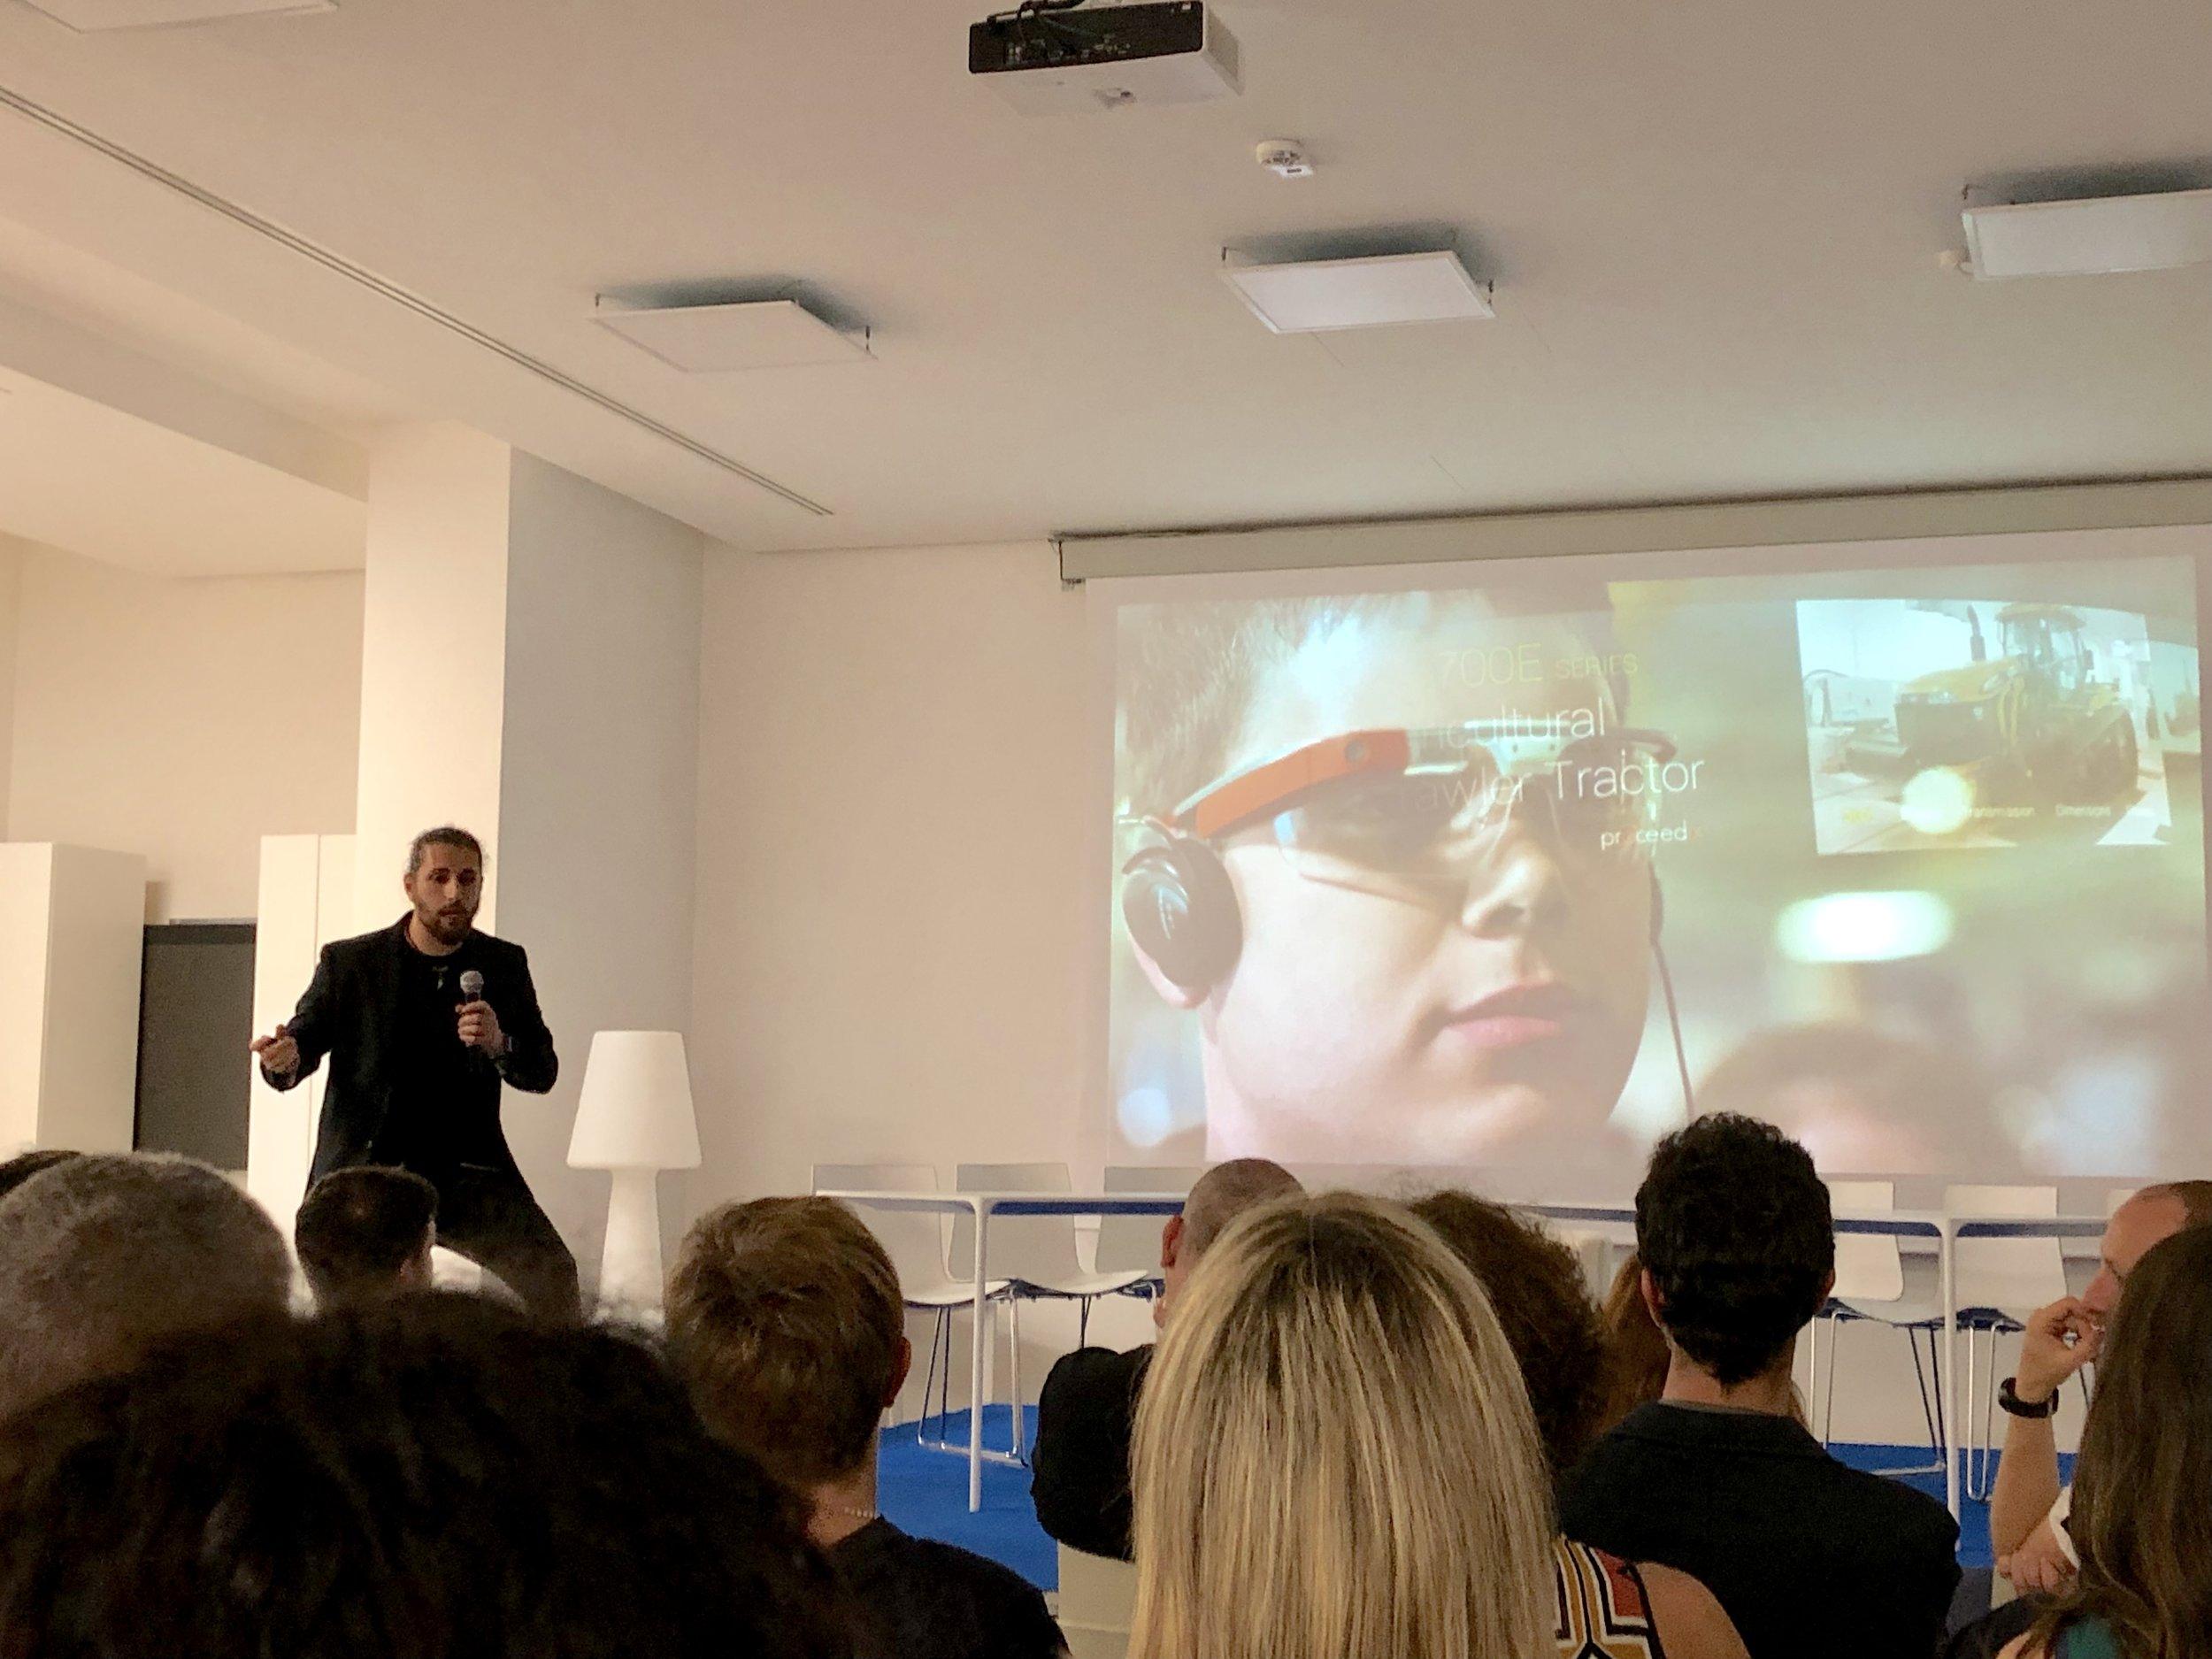 """MERULANA DIGITAL EXPERIENCE - Arte e realtà virtuale, un connubio potente che apre orizzonti ancora inesplorati.Marco Cappellini presenta le sua startup """"Centrica"""" per la digitalizzazione museale ad alta risoluzione.Andrea Mazziotti conduce il Salon """"The Third Eye"""" un dibattito interattivo che intreccia la tecnologia disruptive della Realtà Virtuale con le possibili implicazioni socioeconomiche che essa può portare."""